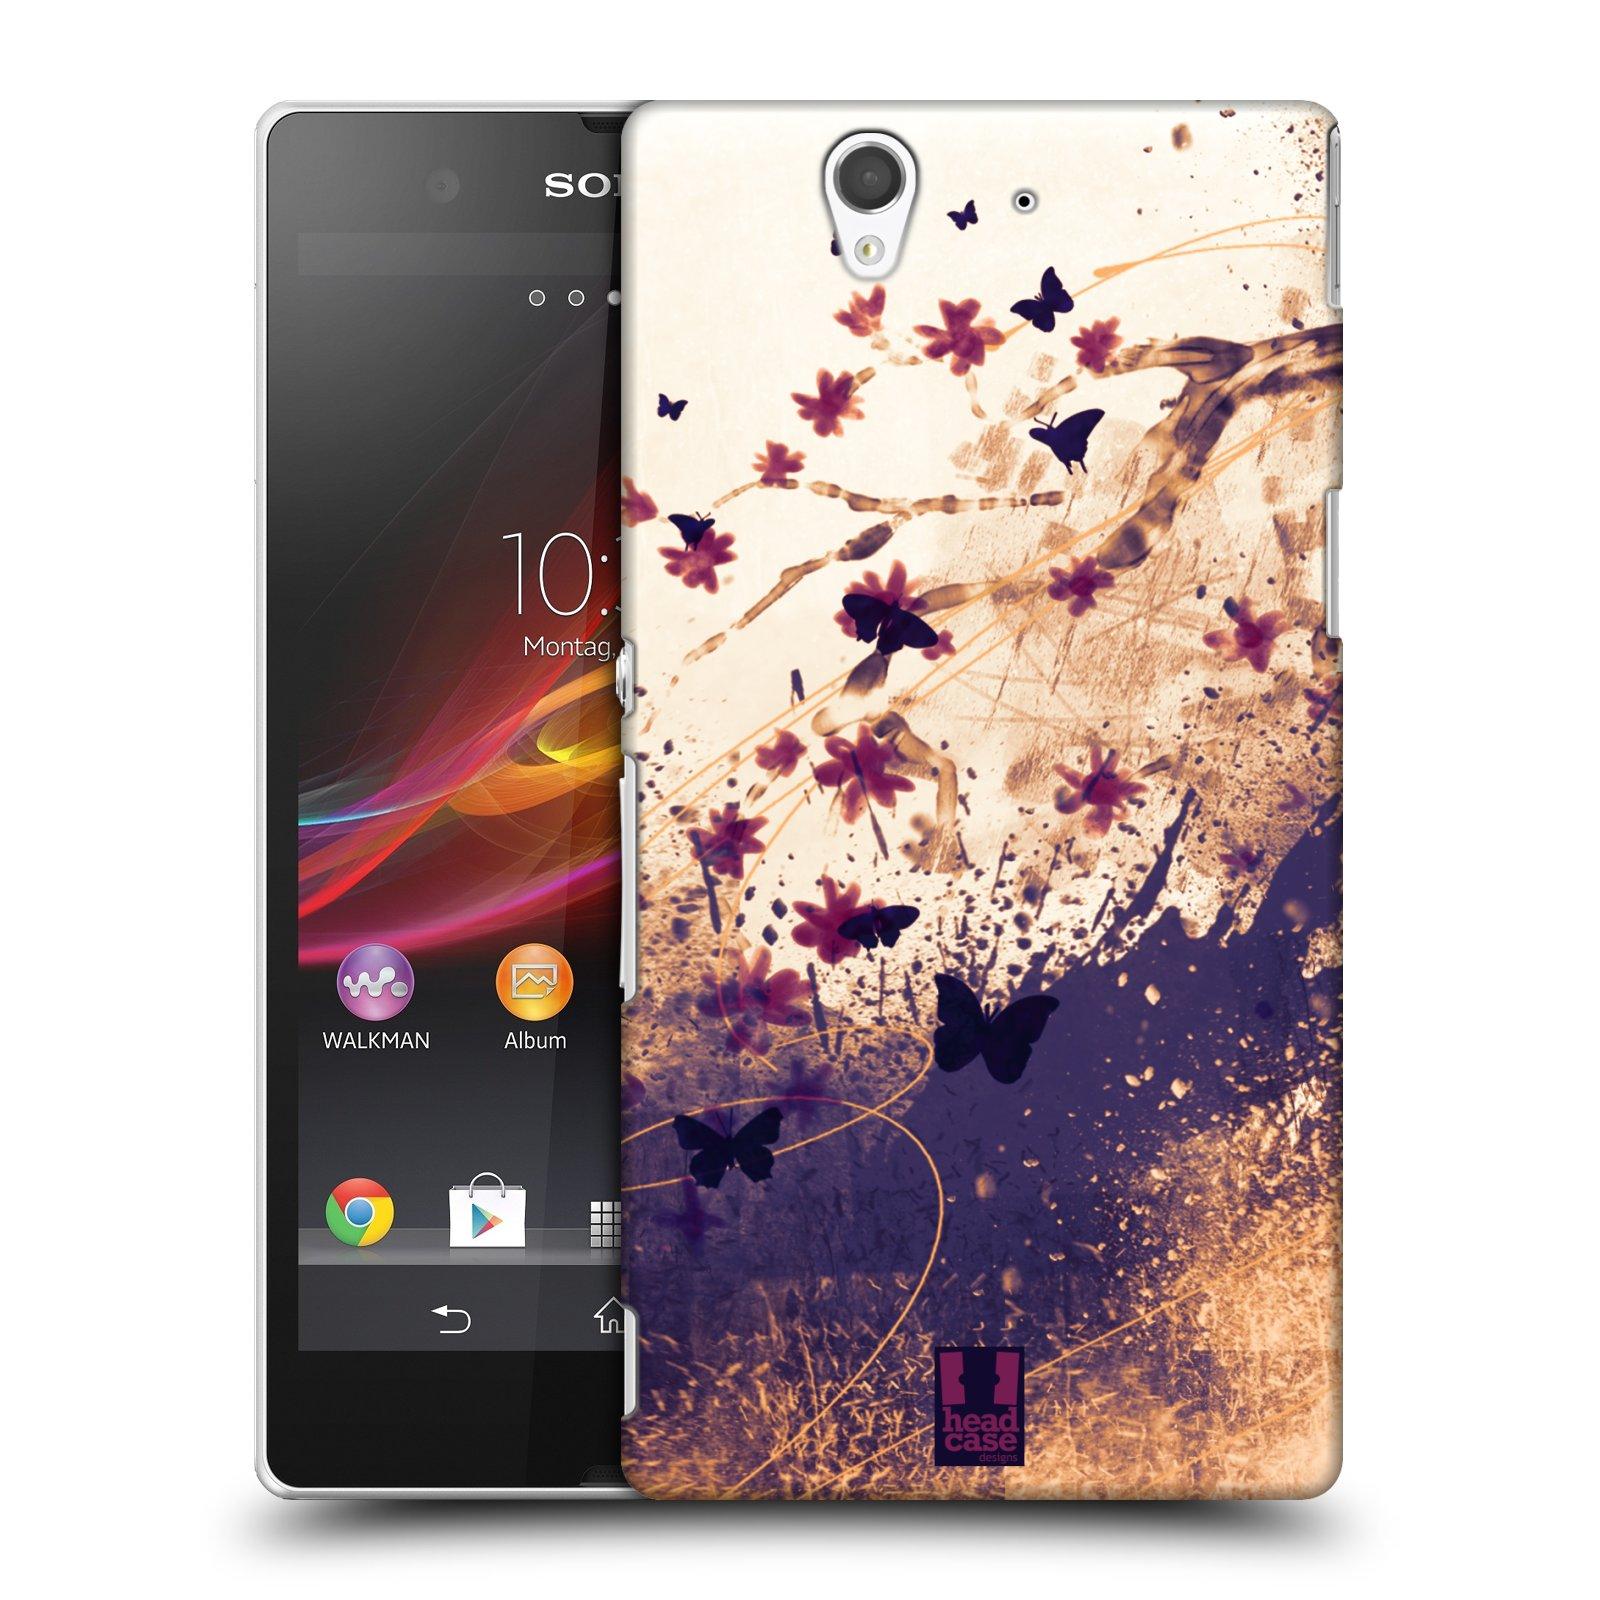 Plastové pouzdro na mobil Sony Xperia Z C6603 HEAD CASE MOTÝLCI (Kryt či obal na mobilní telefon Sony Xperia Z )